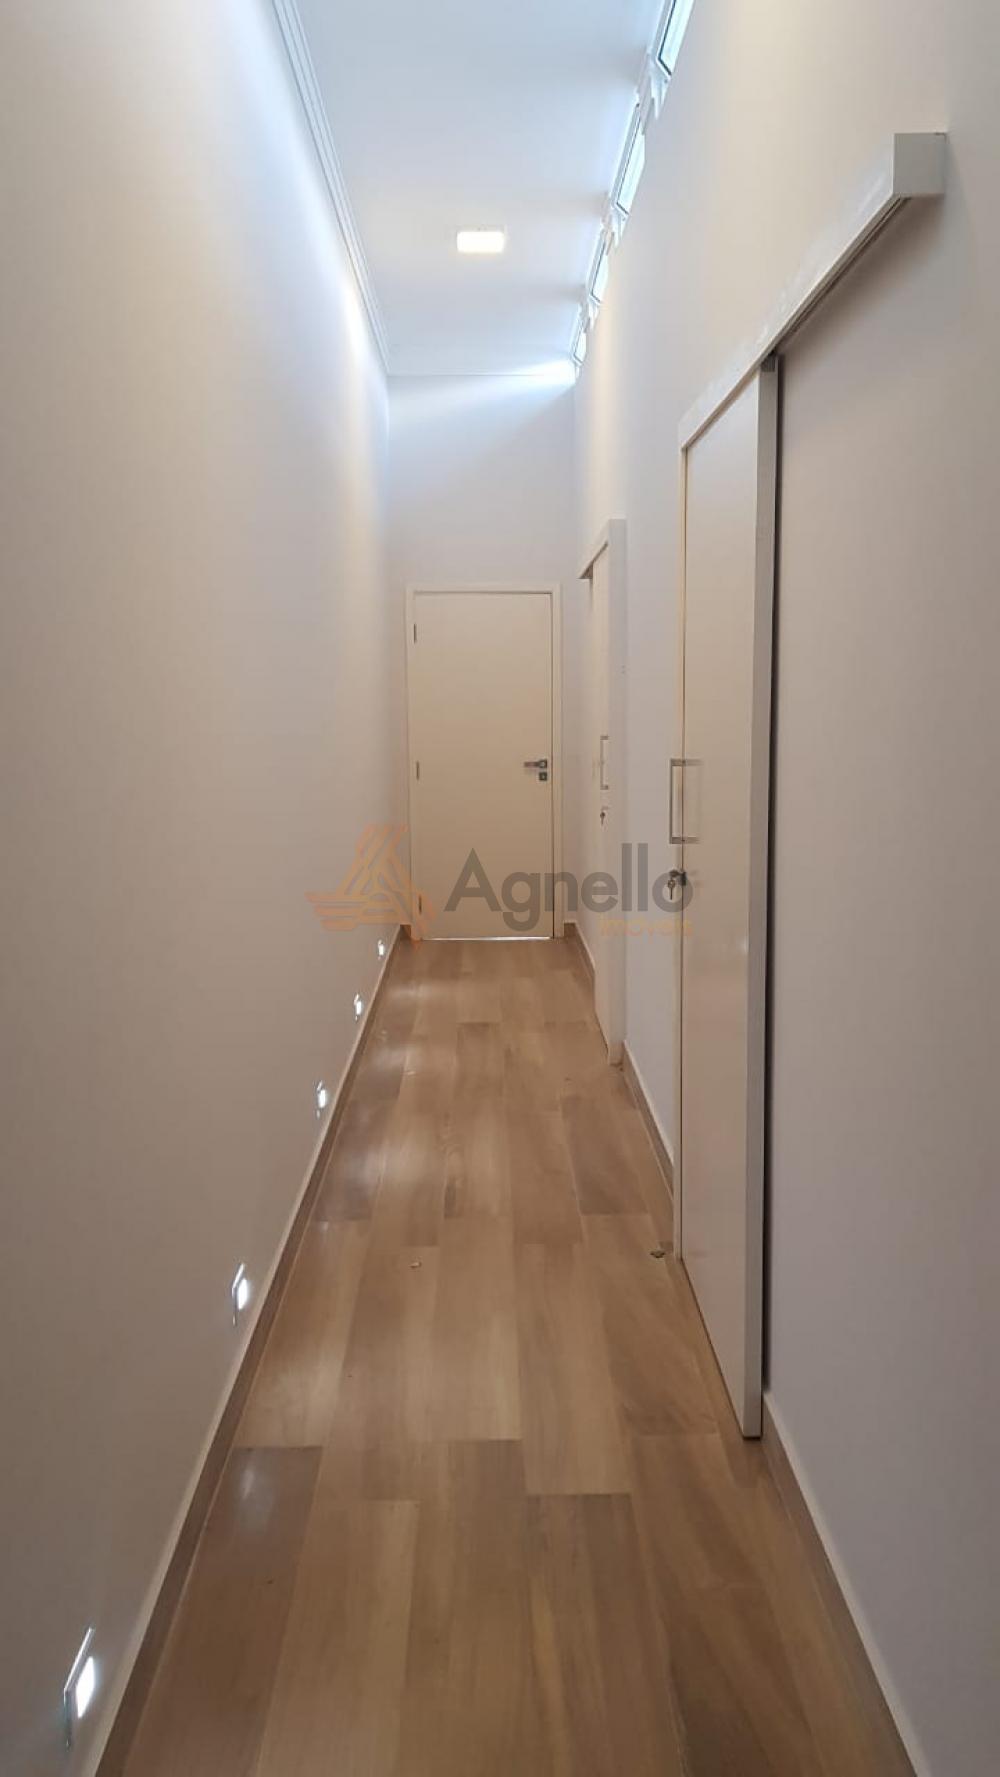 Comprar Casa / Condomínio em Franca apenas R$ 1.300.000,00 - Foto 4